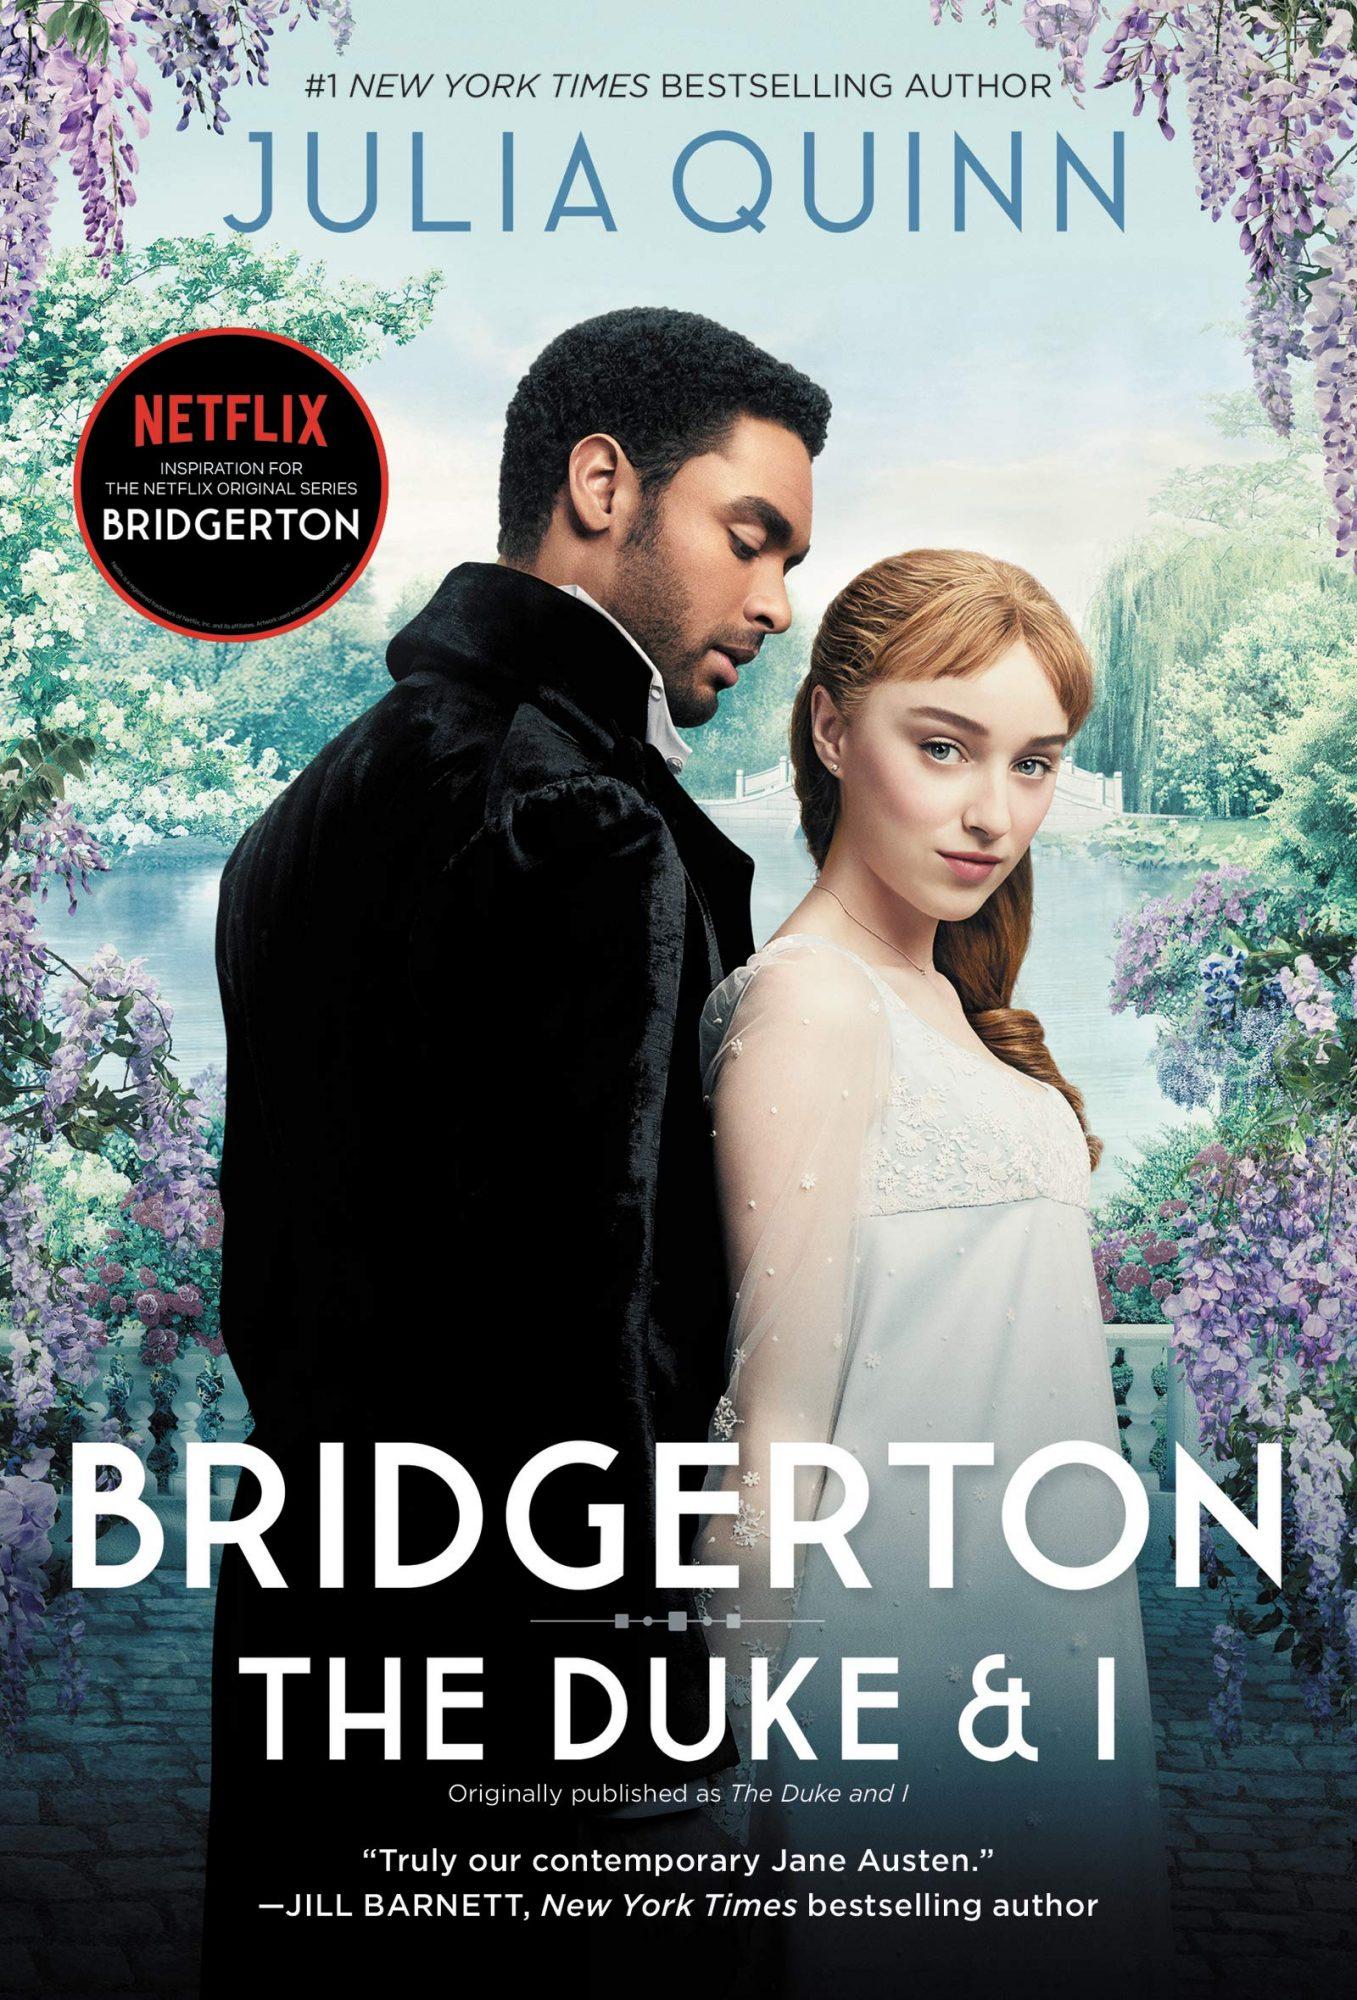 Bridgerton book Valentine's Day gift ideas